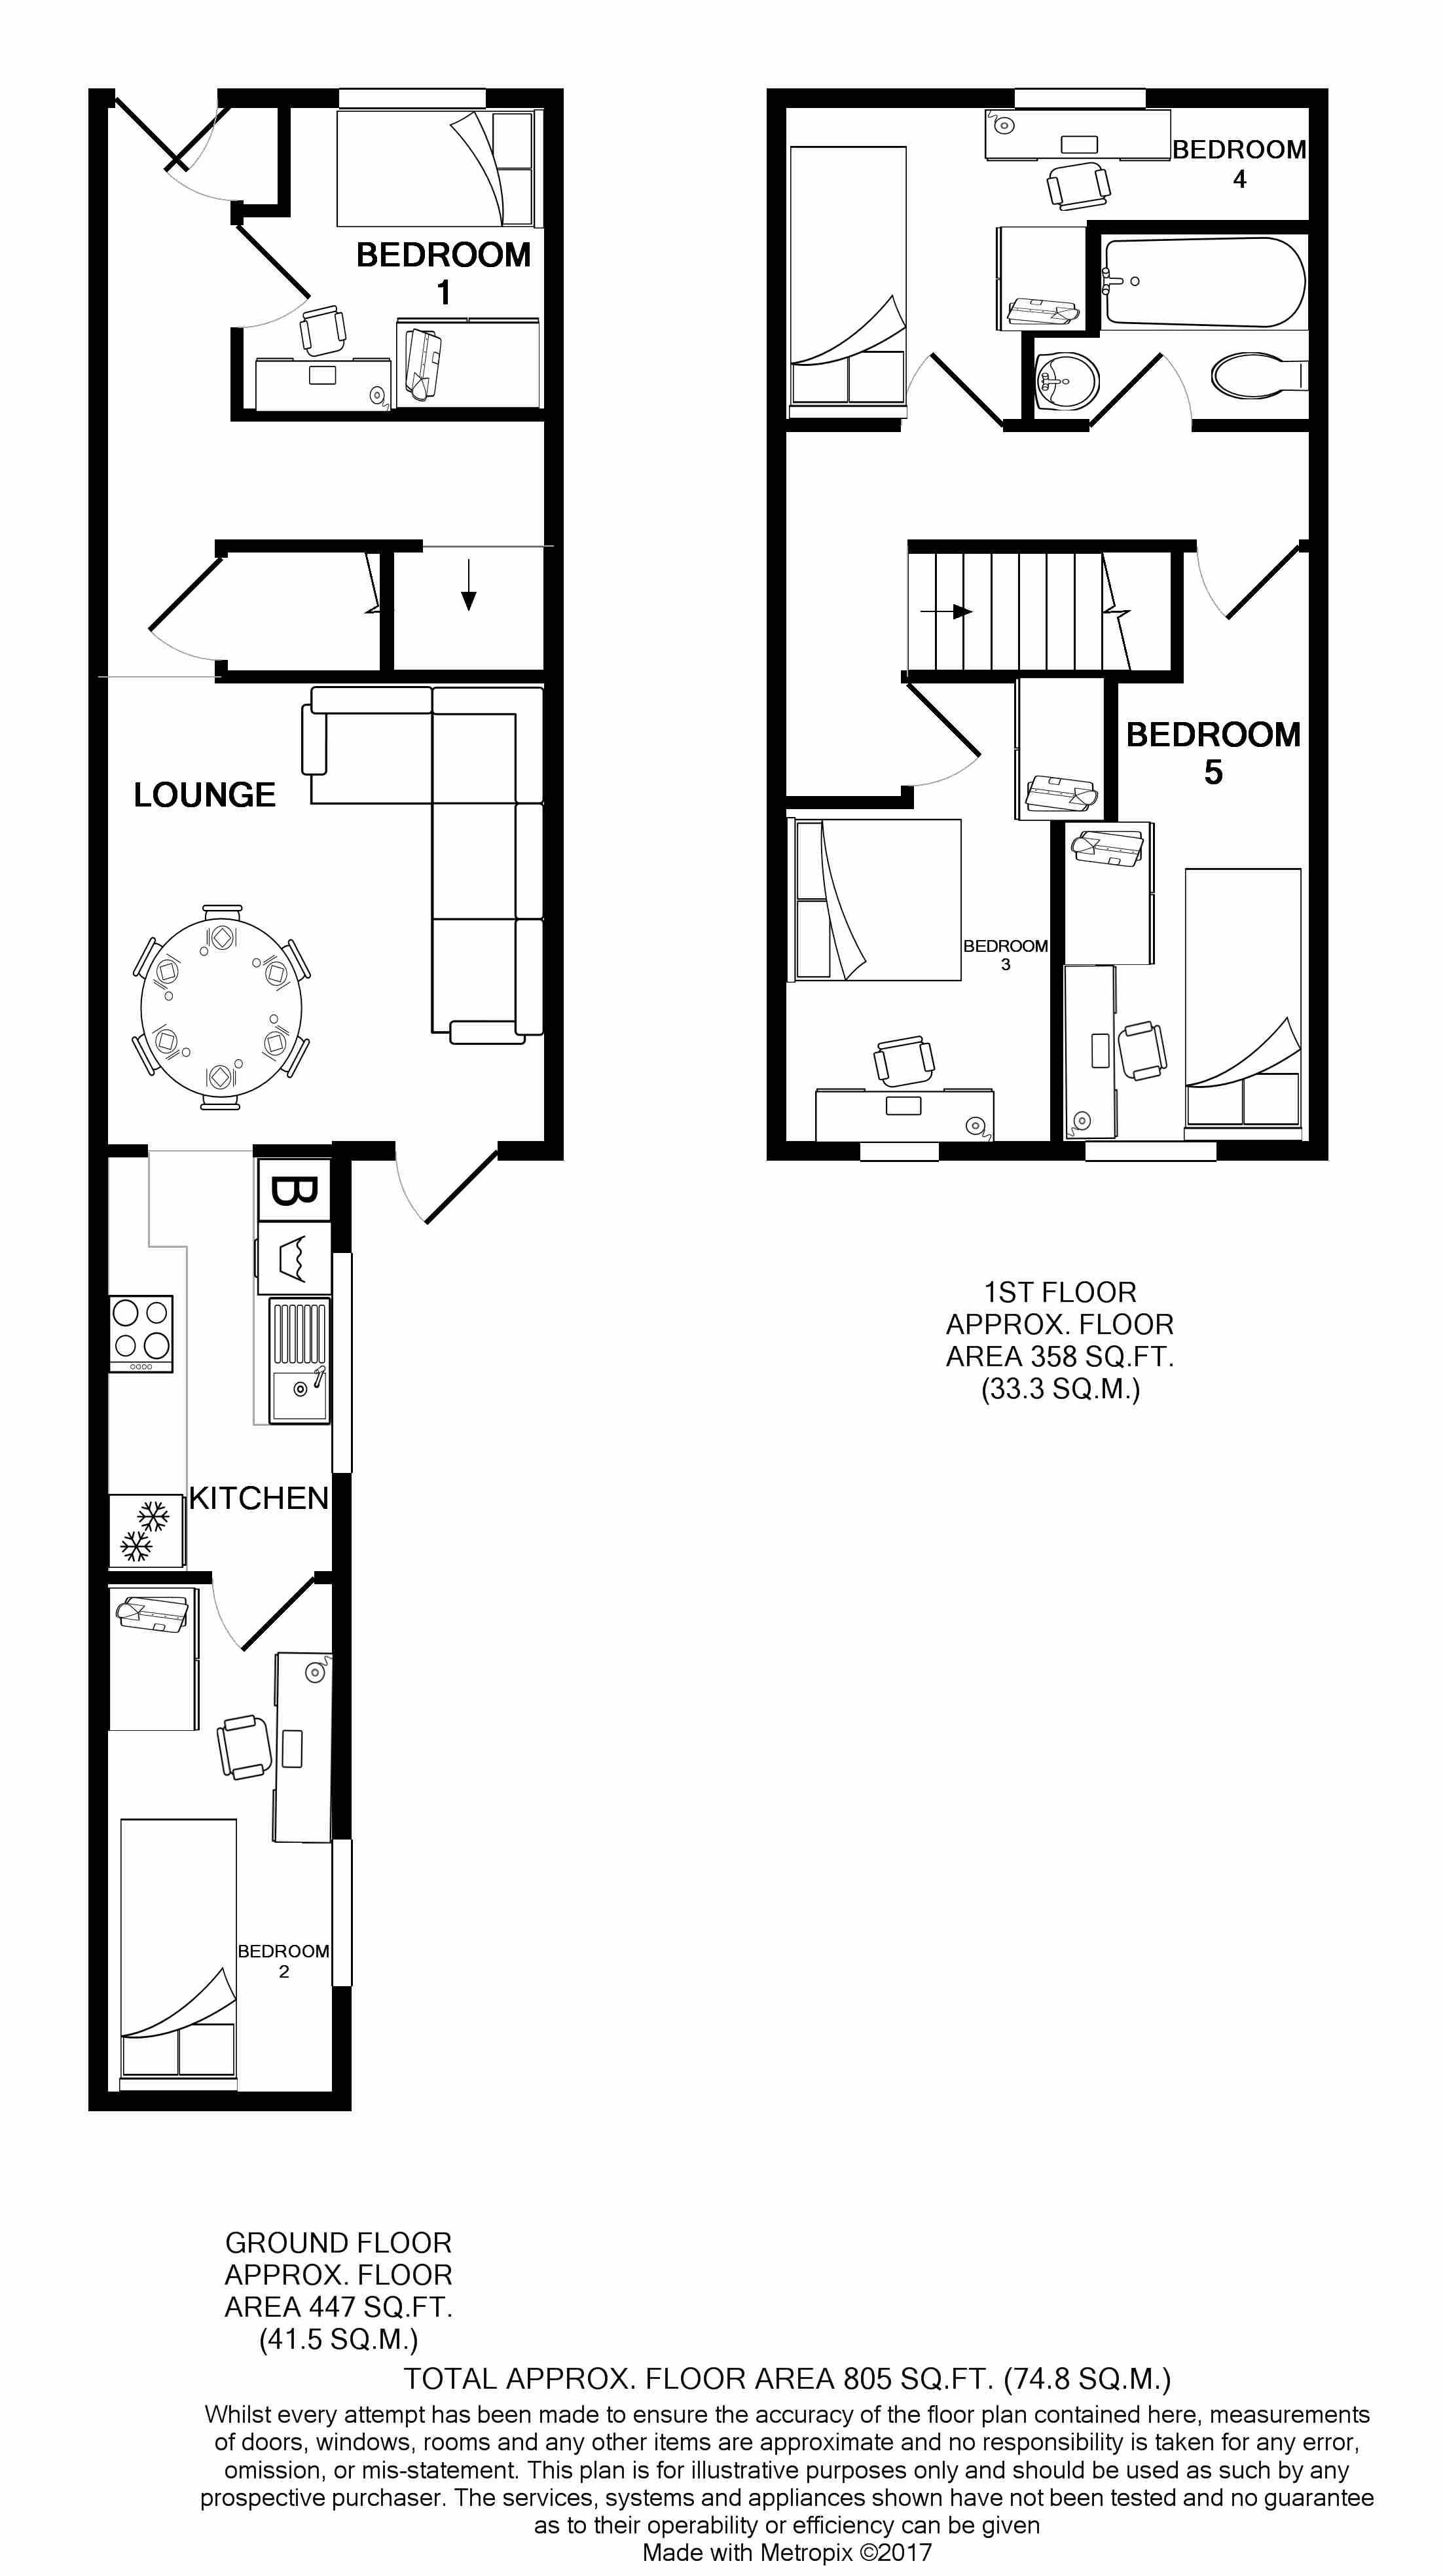 24 Seaford Street Floorplans